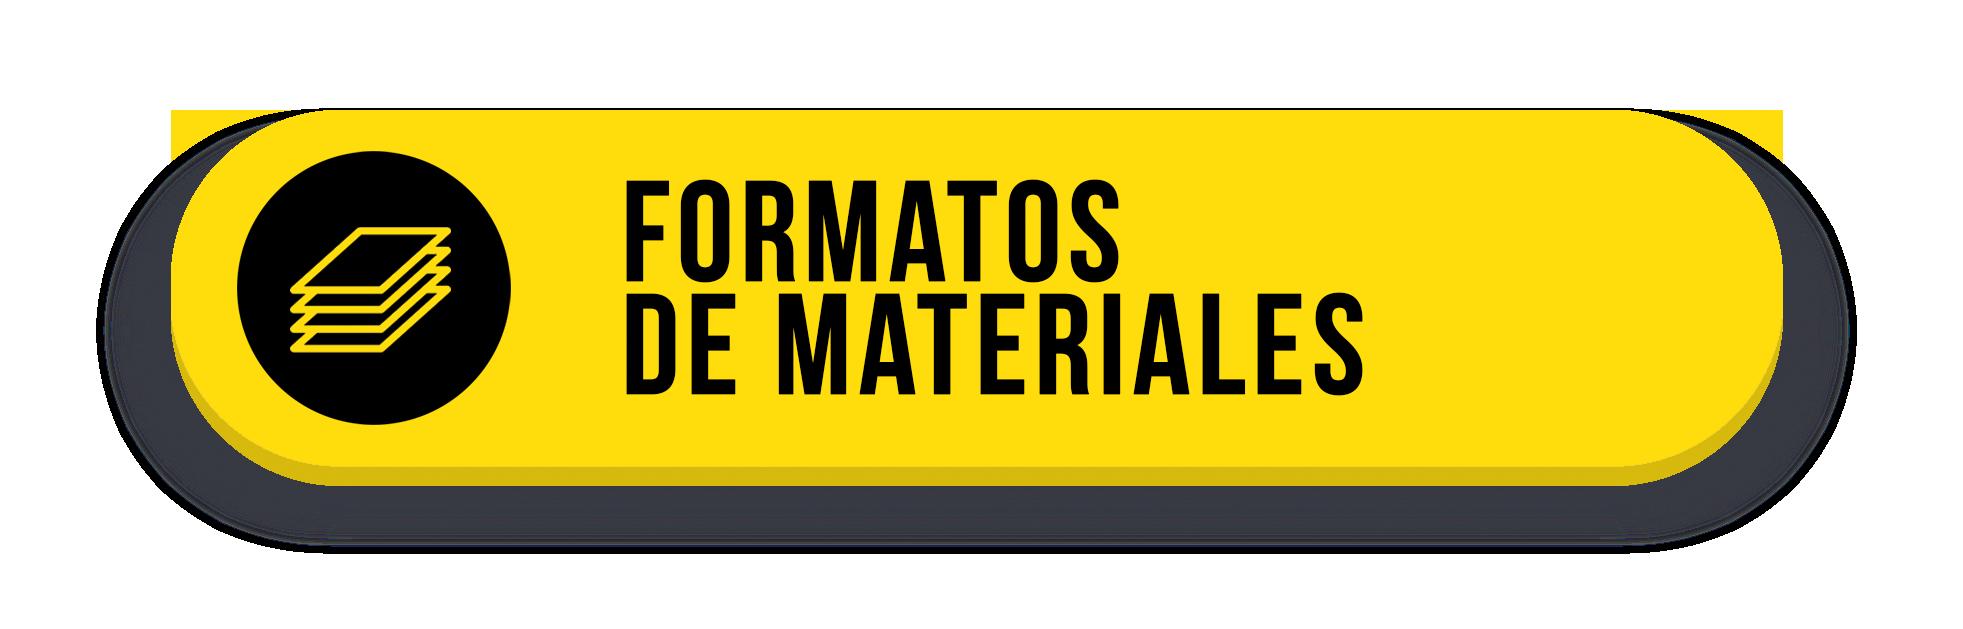 Formatos de materiales